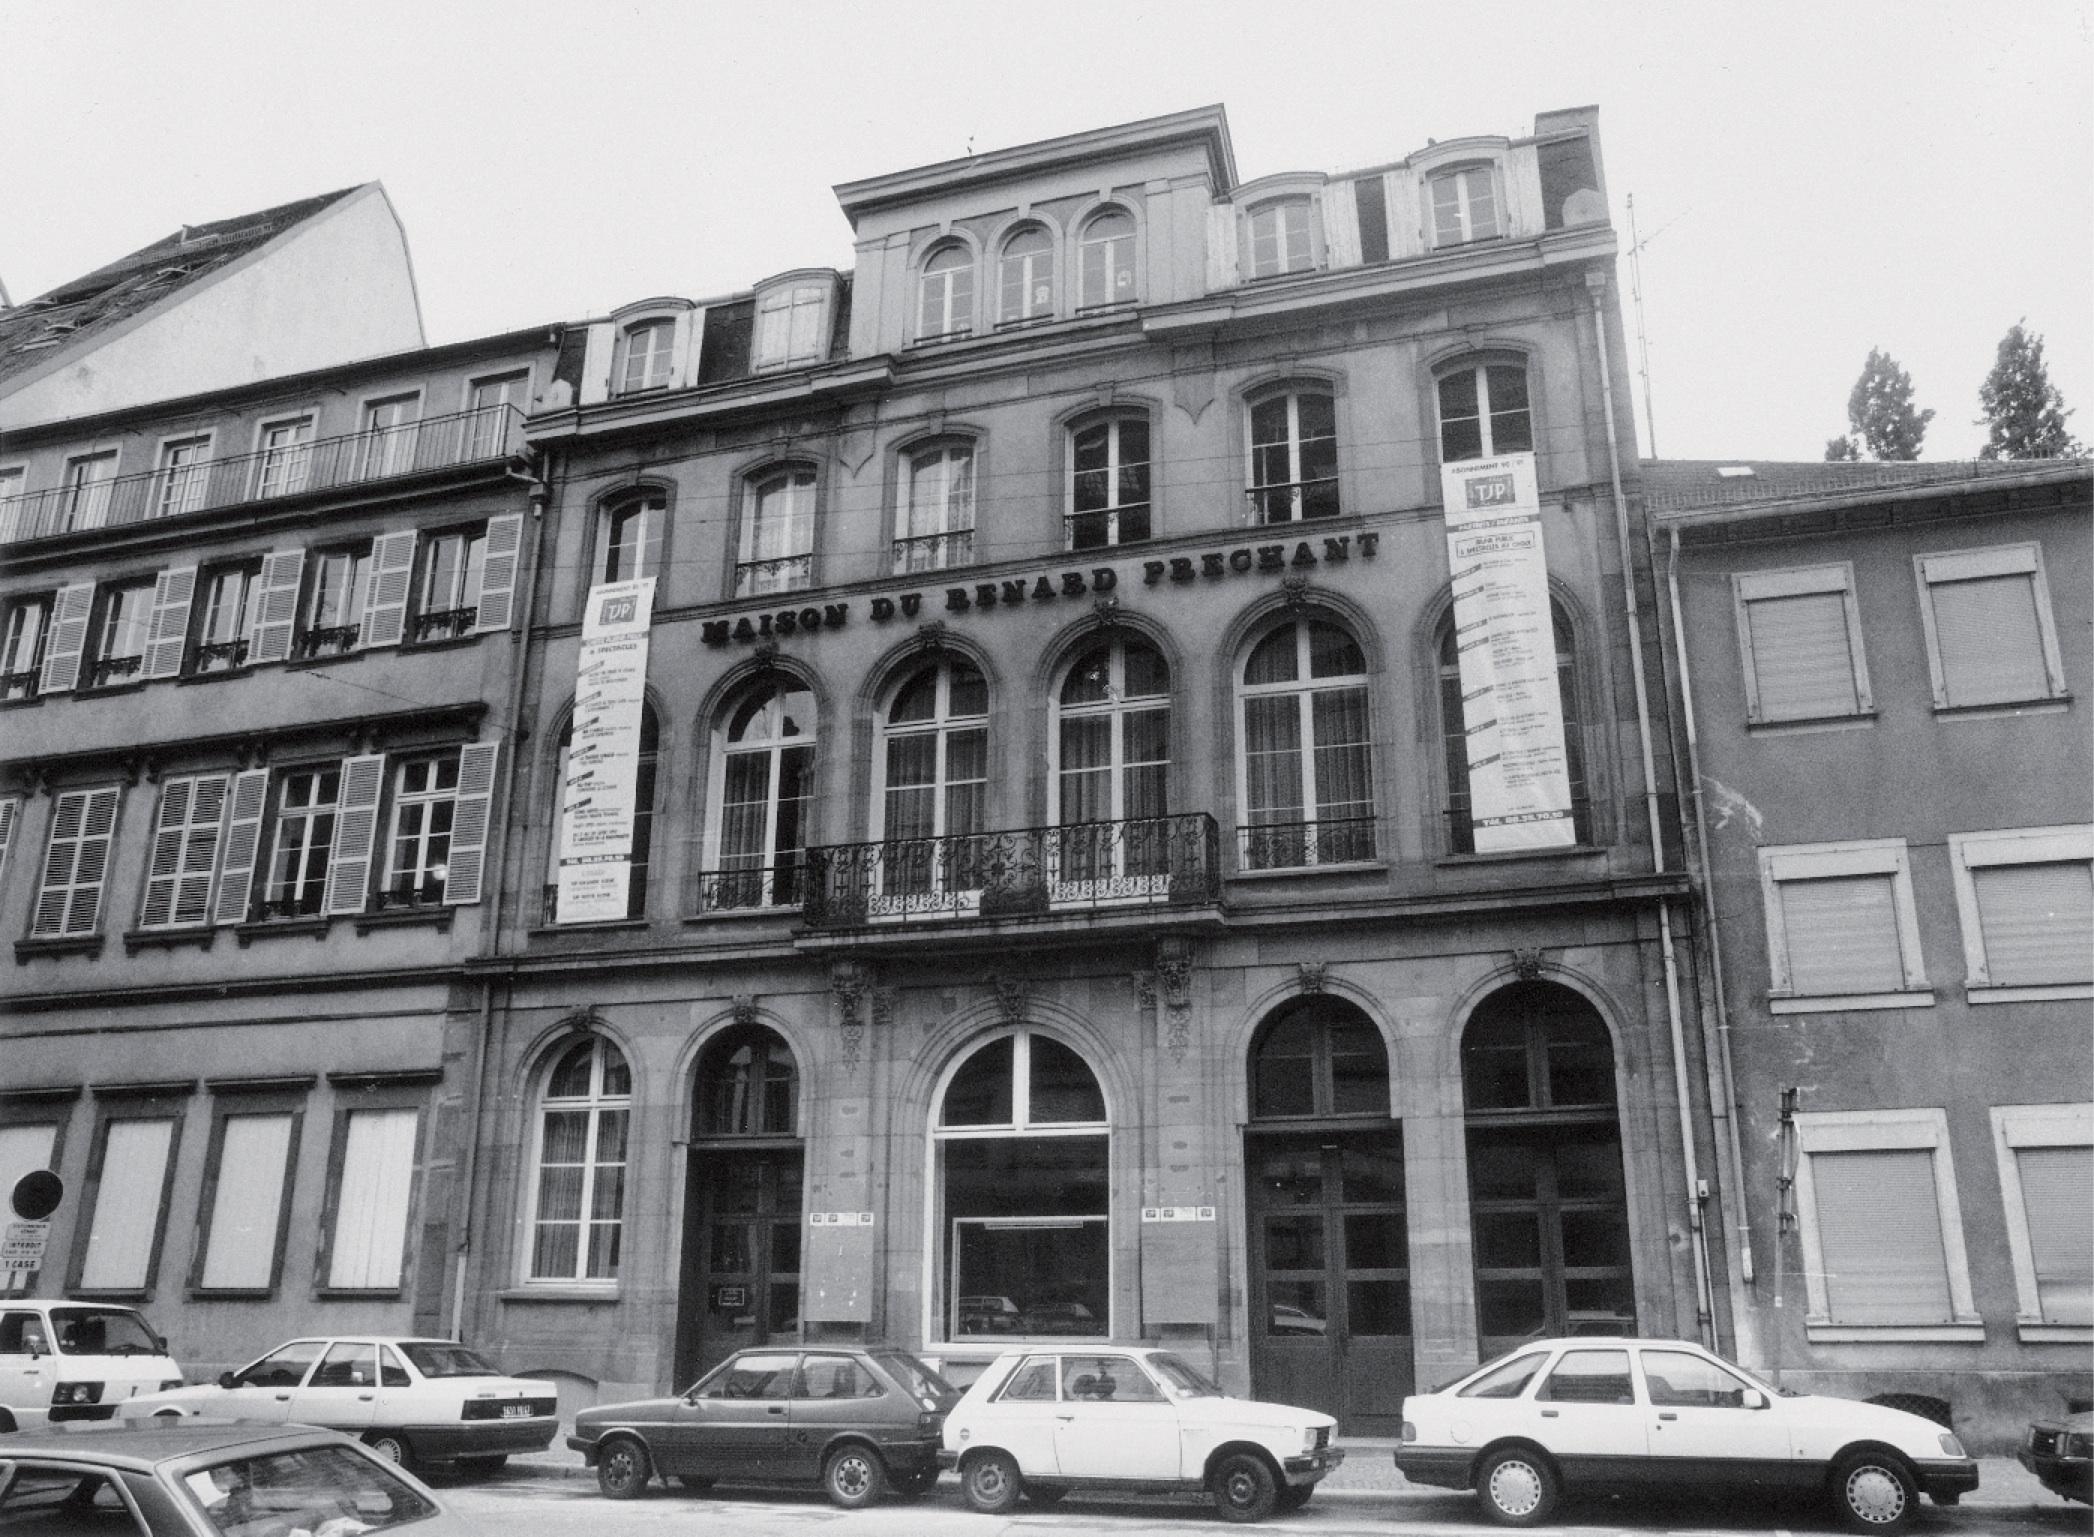 Façade de la Maison du Renard Prêchant, futur TJP Grande Scène (c. 1990-1). Photographie noir et blanc, 17,7x24cm. Droits réservés. Archives du TJP, Strasbourg.